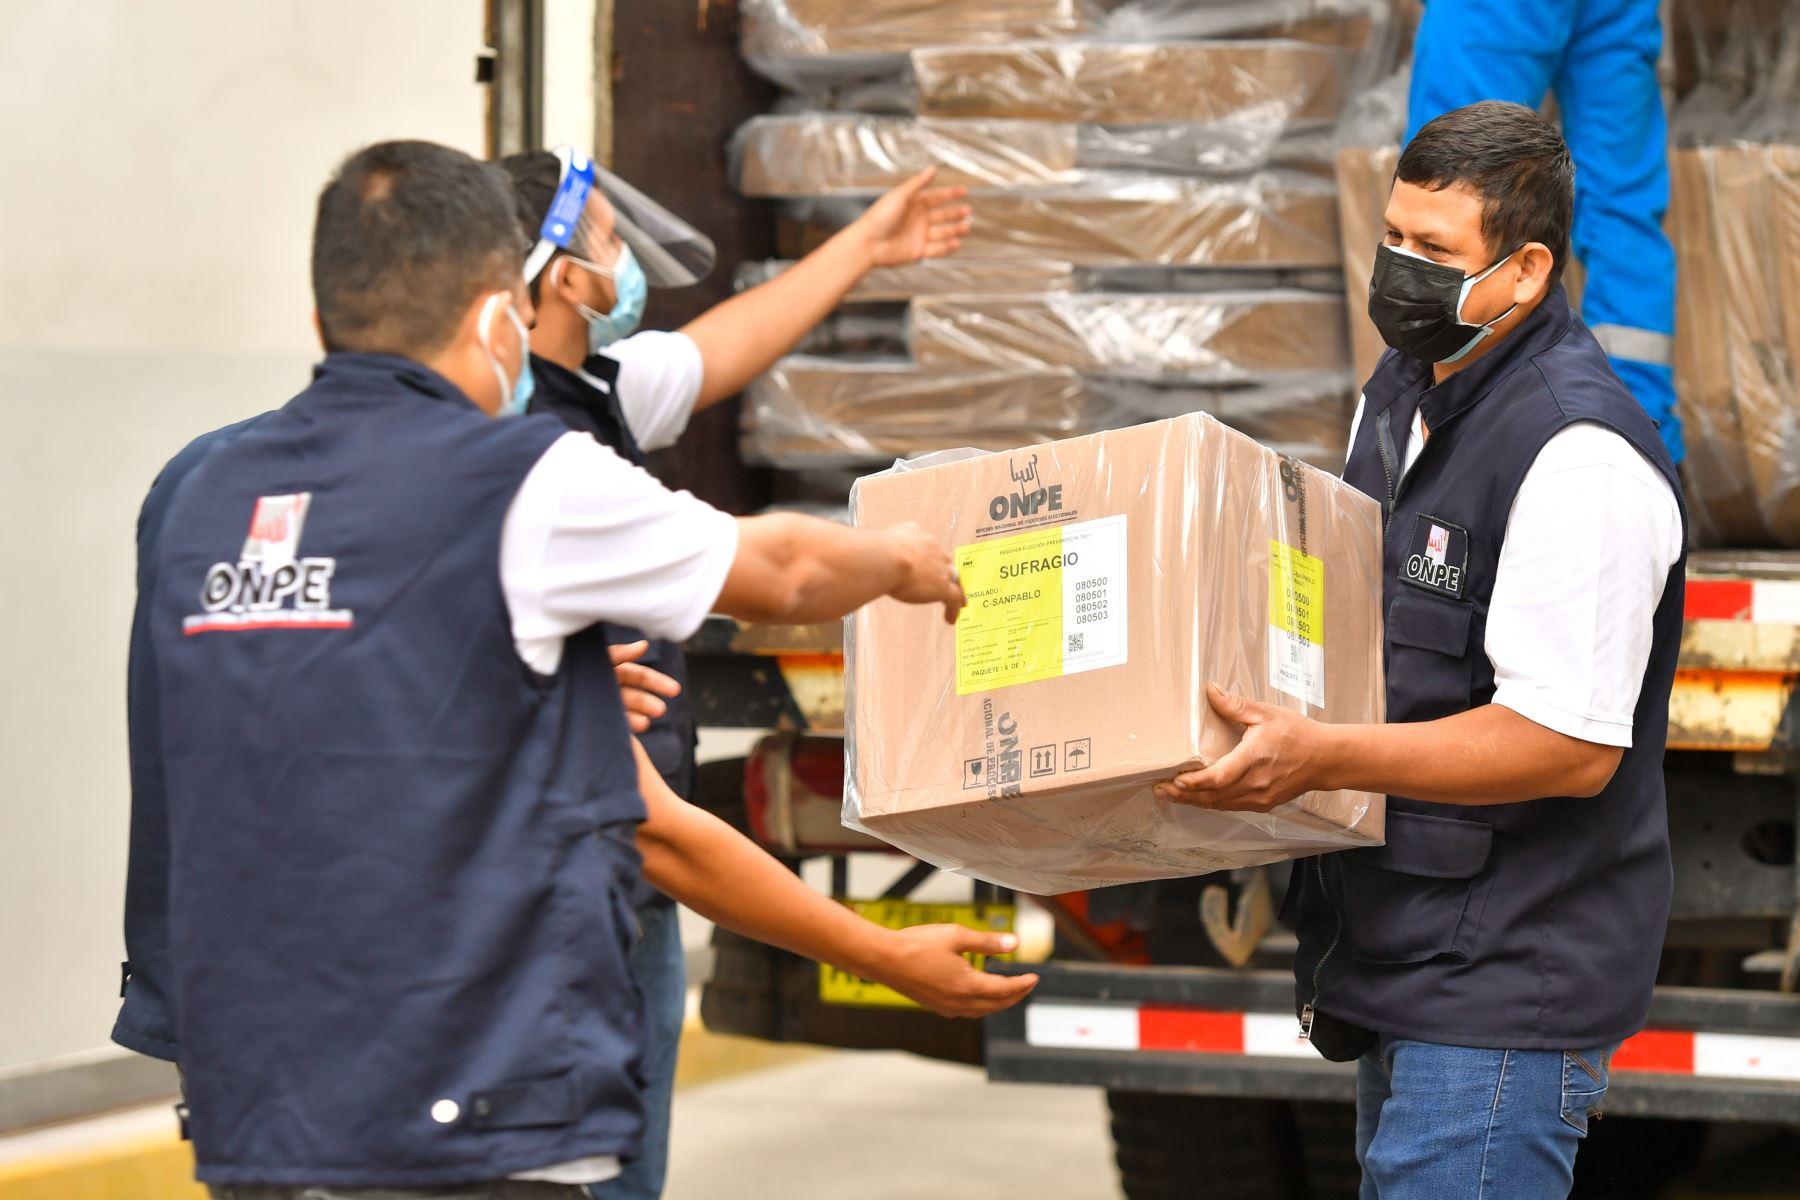 Entrega de material electoral a Cancillería del Perú para sufragio de peruanos en el extranjero. Foto: Cancillería del Perú